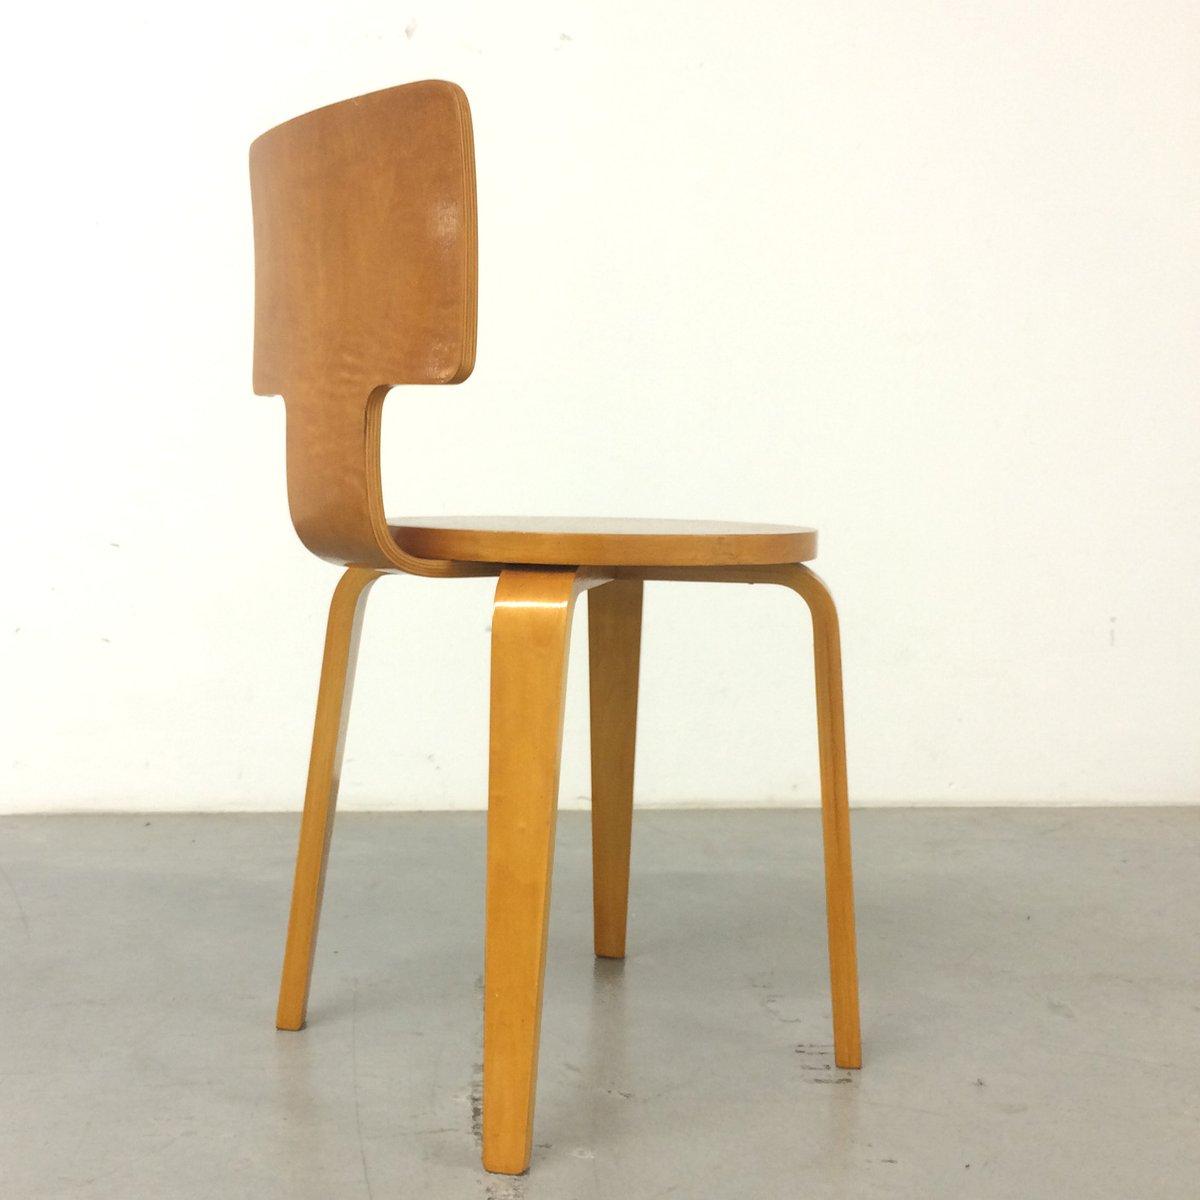 no 519 st hle und tisch von cor alons f r den boer 3er set bei pamono kaufen. Black Bedroom Furniture Sets. Home Design Ideas